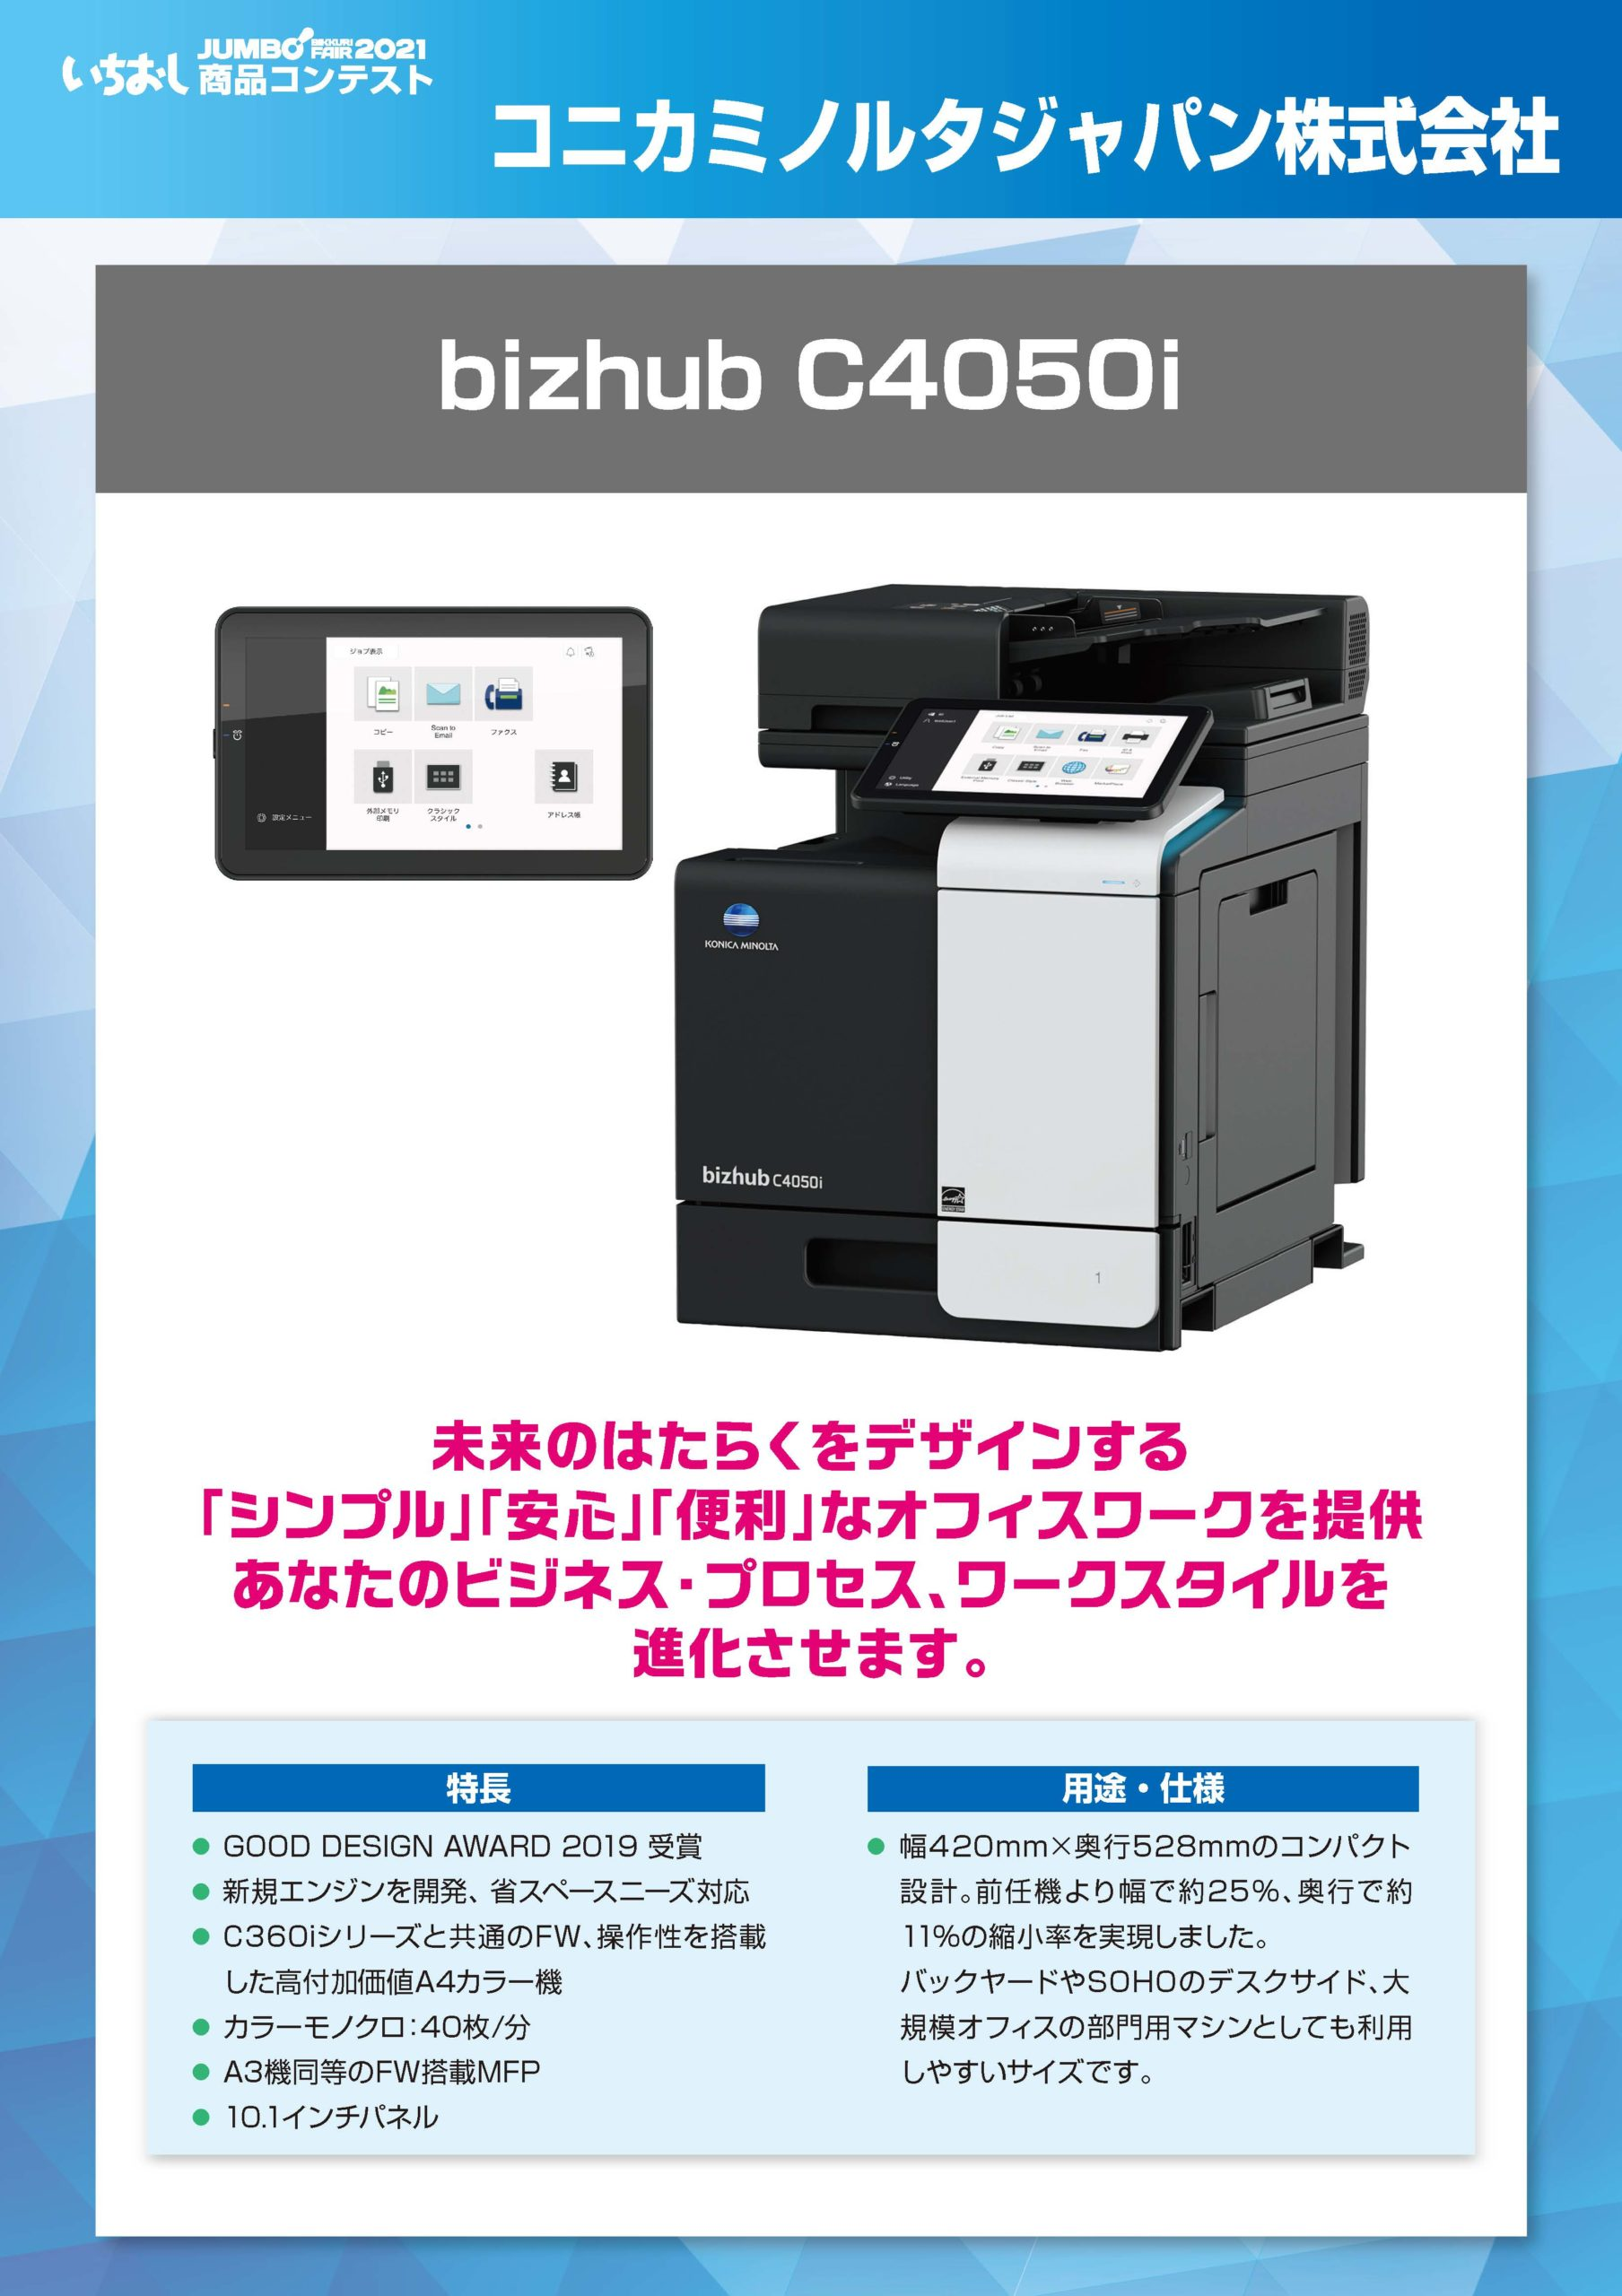 「bizhub C4050i」コニカミノルタジャパン株式会社の画像